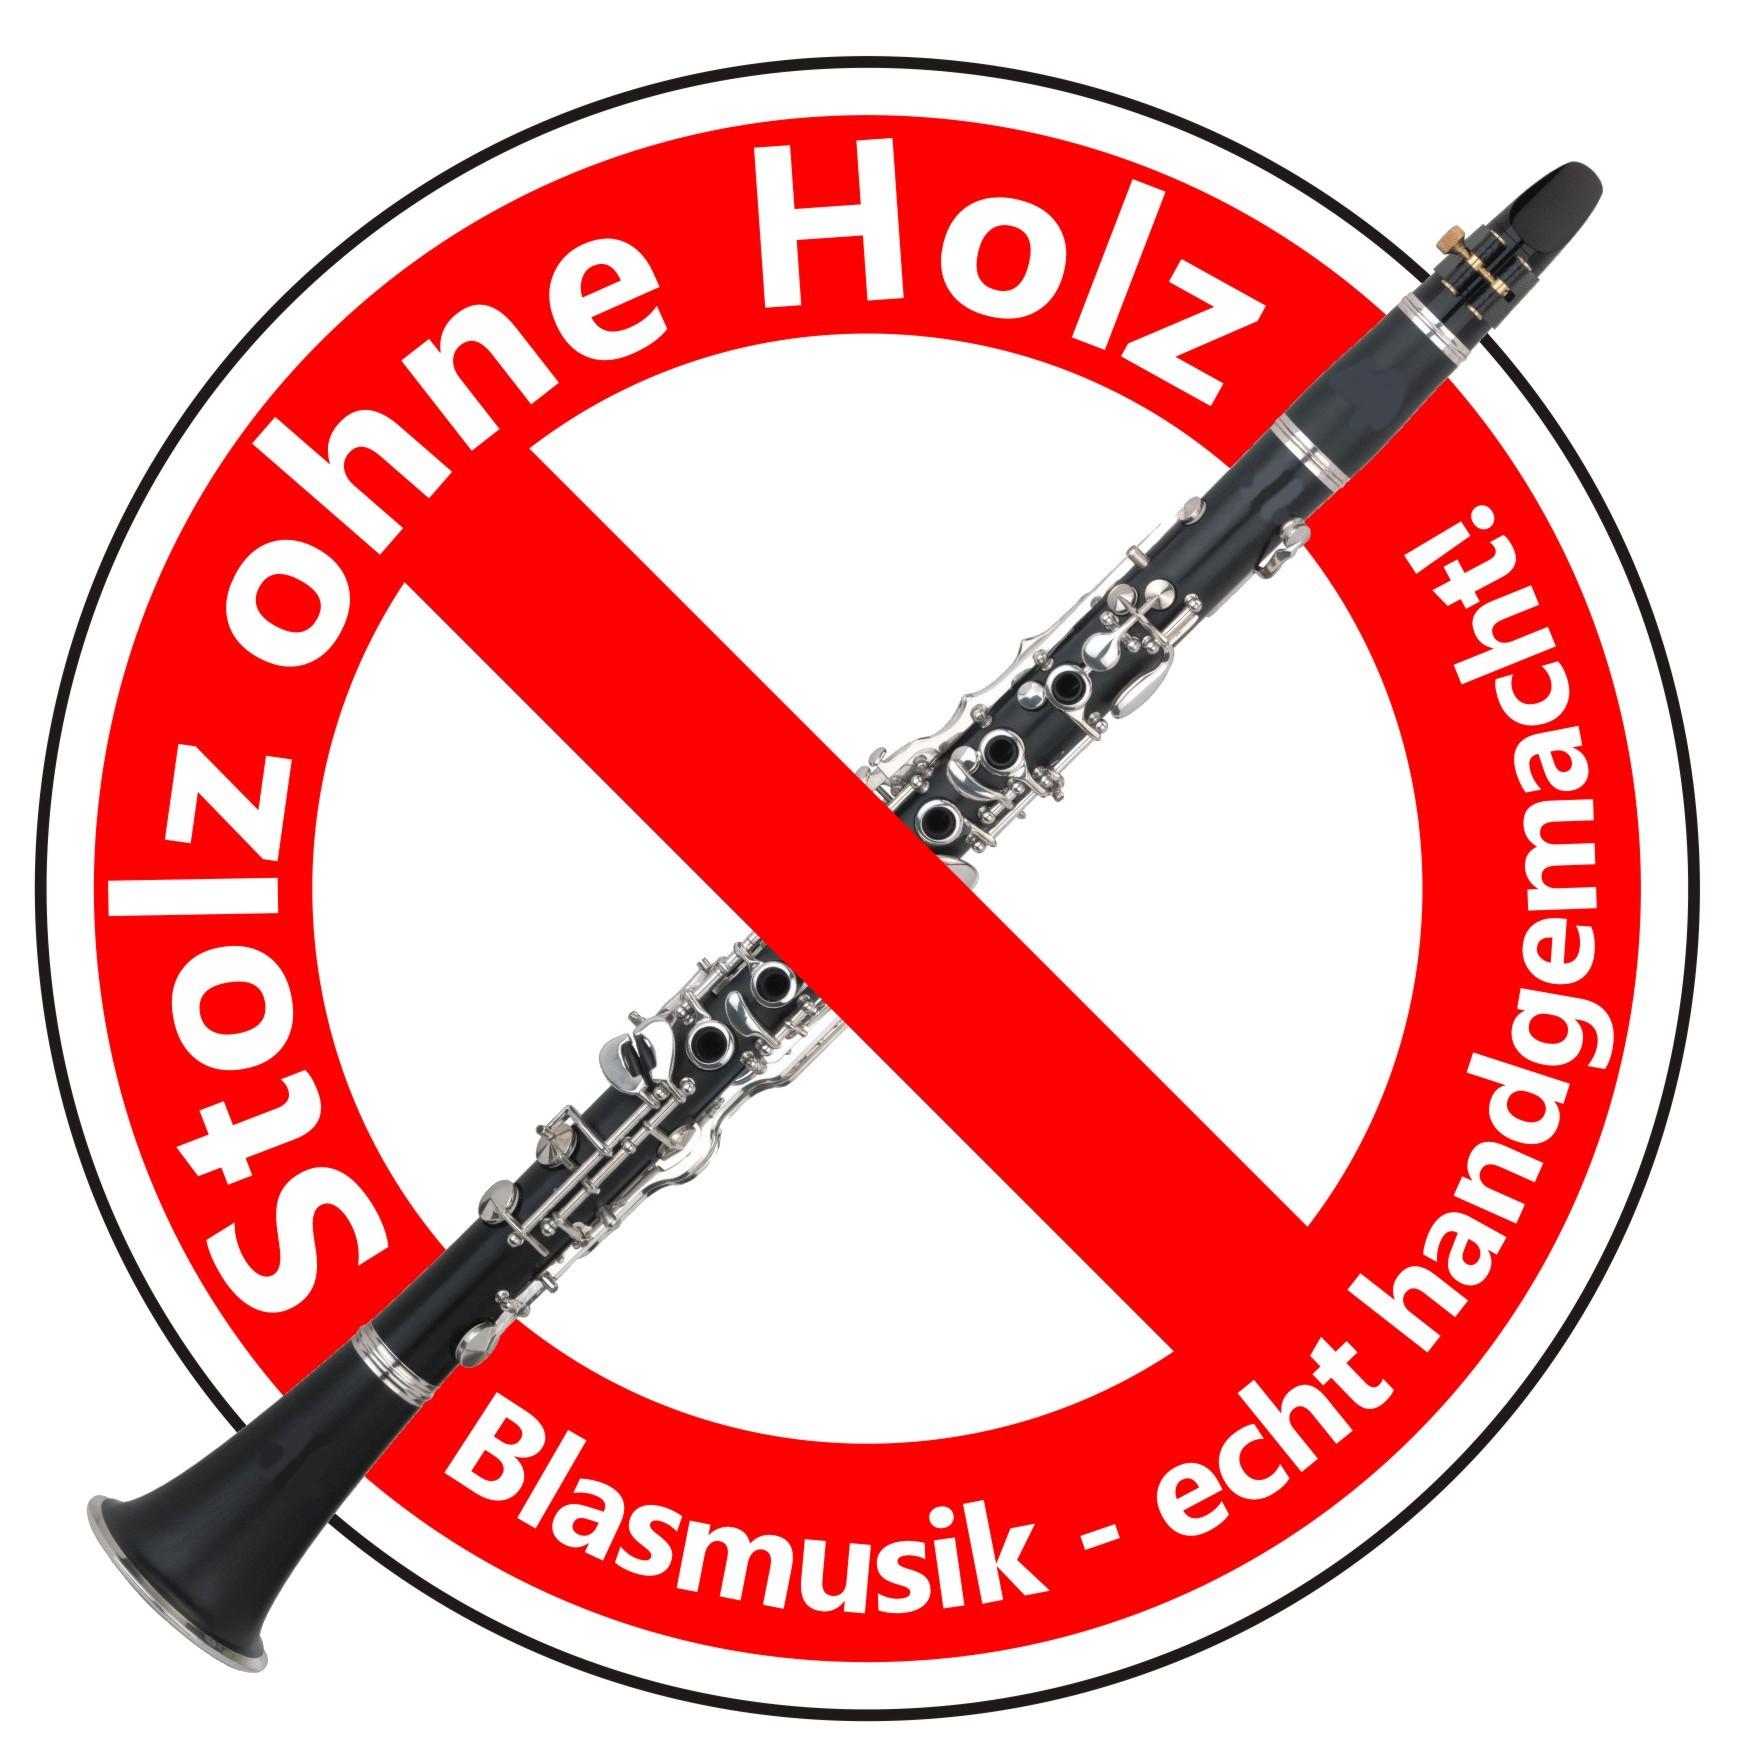 Logo Stolz ohne Holz2013